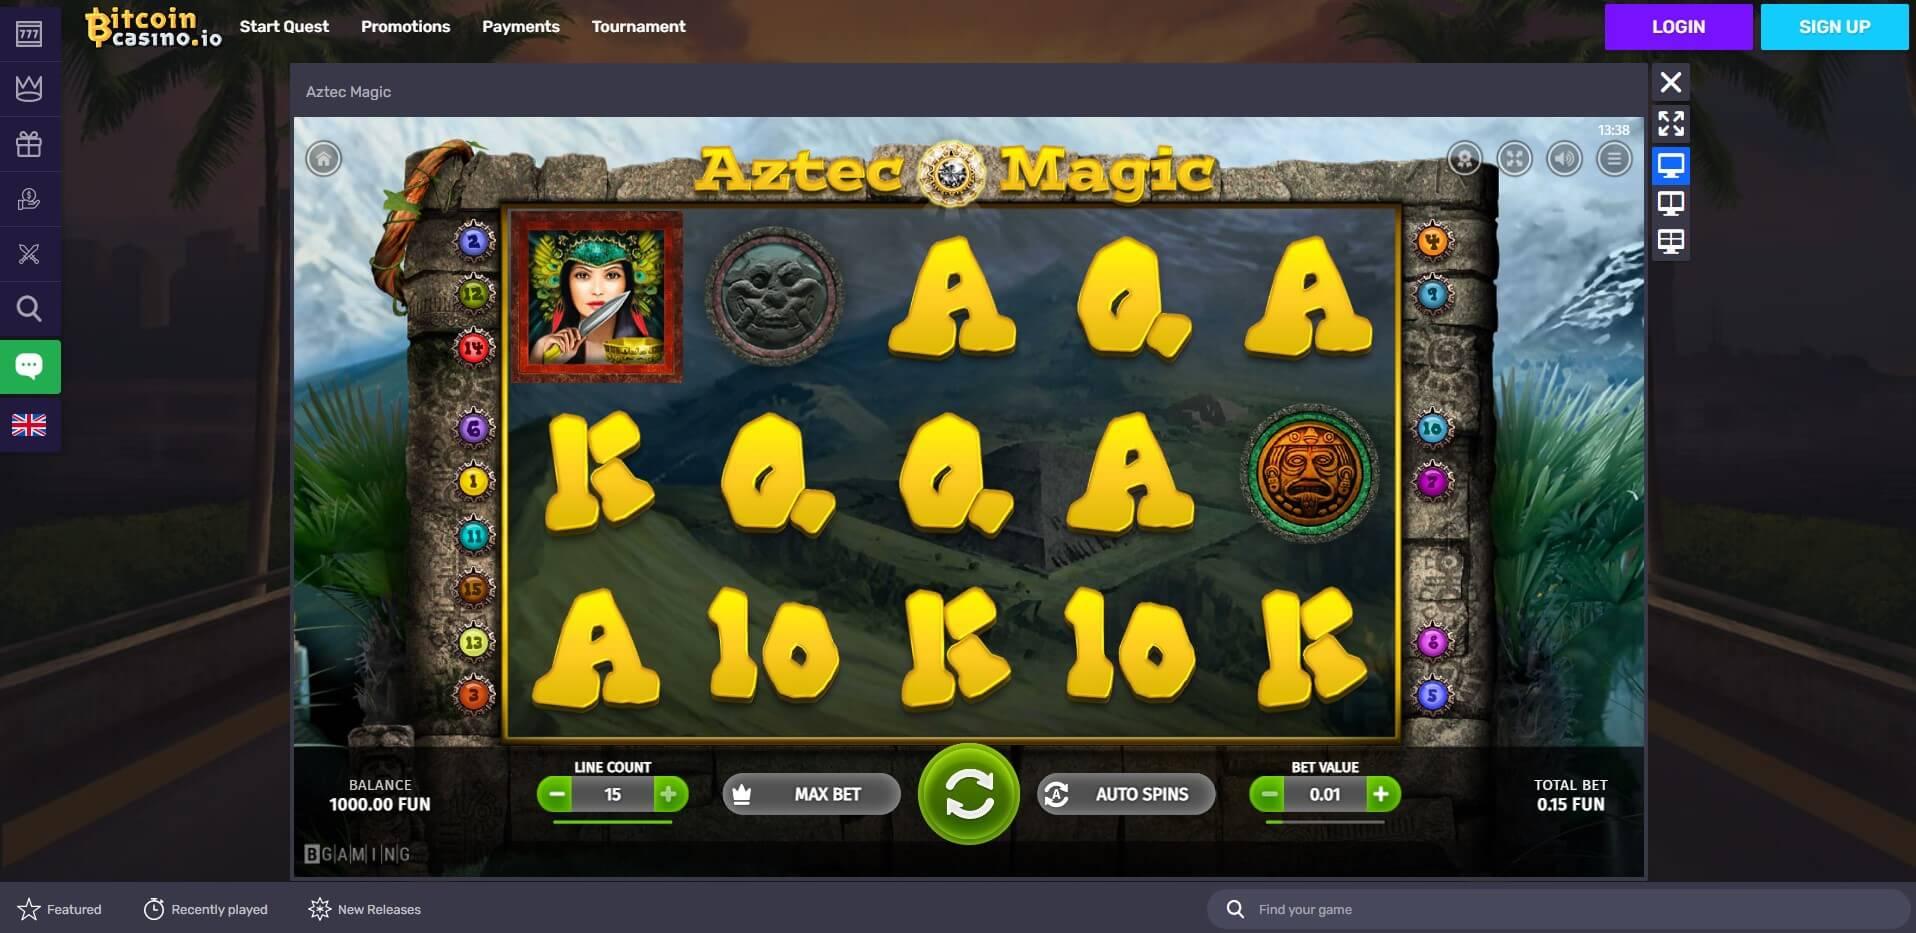 Game Play at Bitcoin Casino